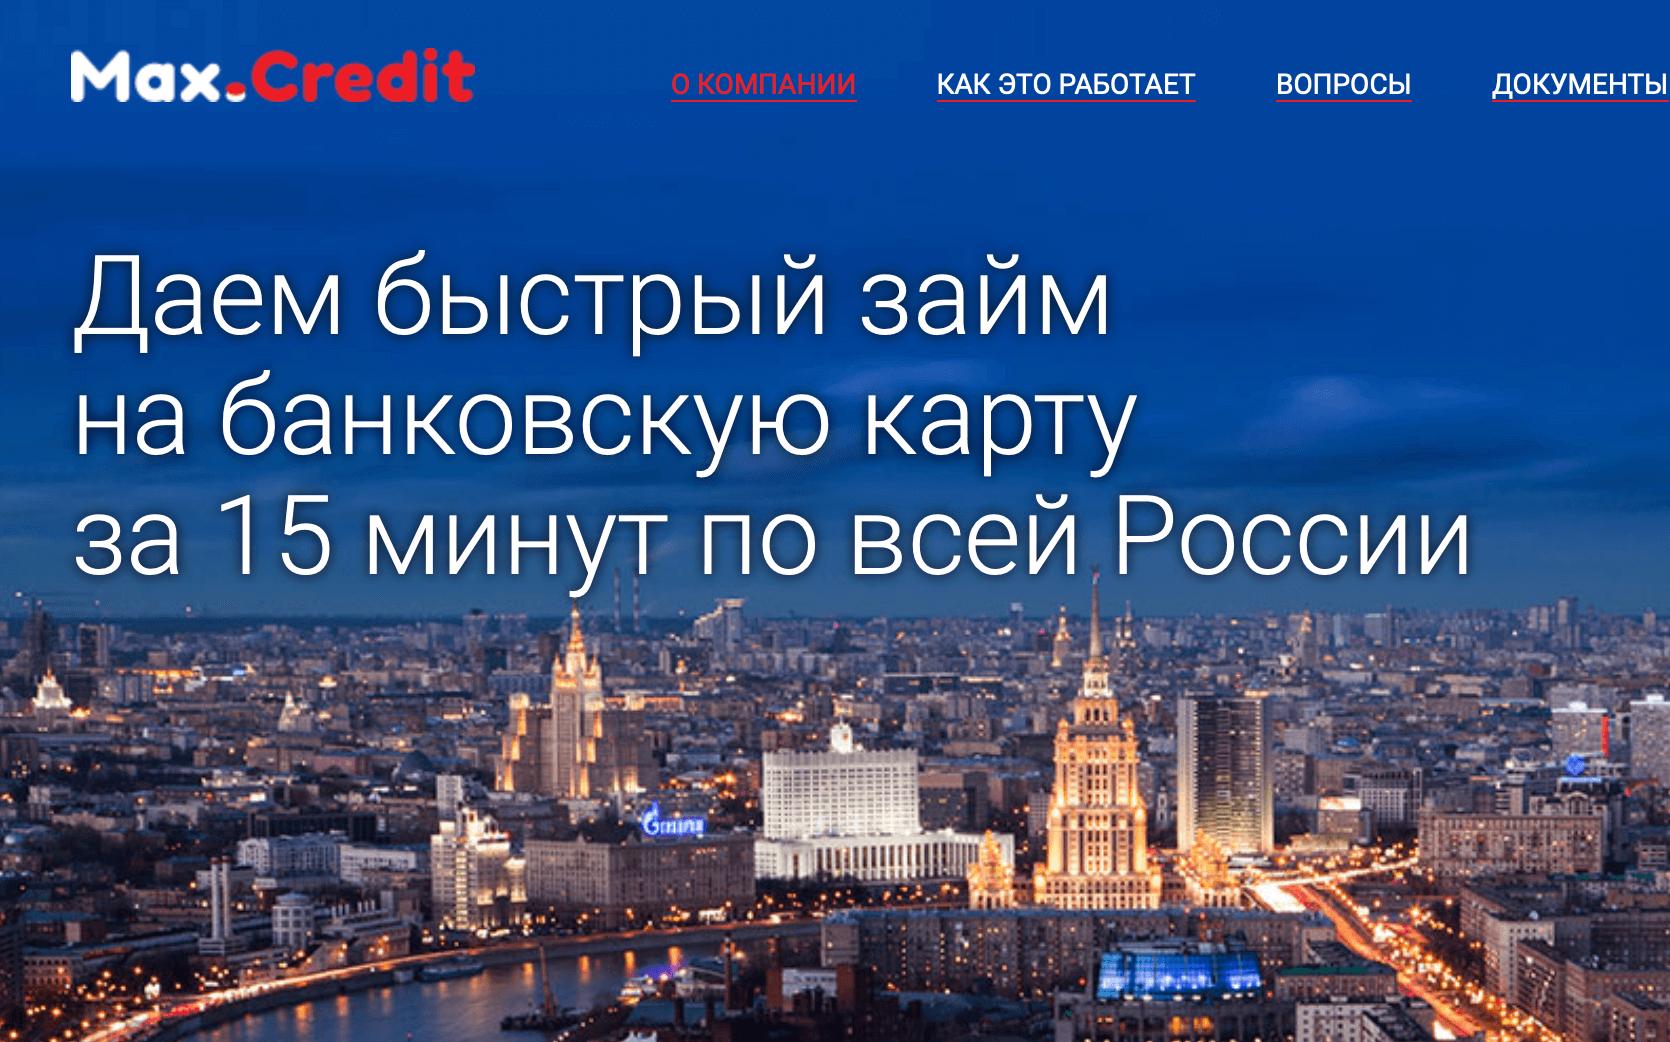 Официальный сайт макскредит